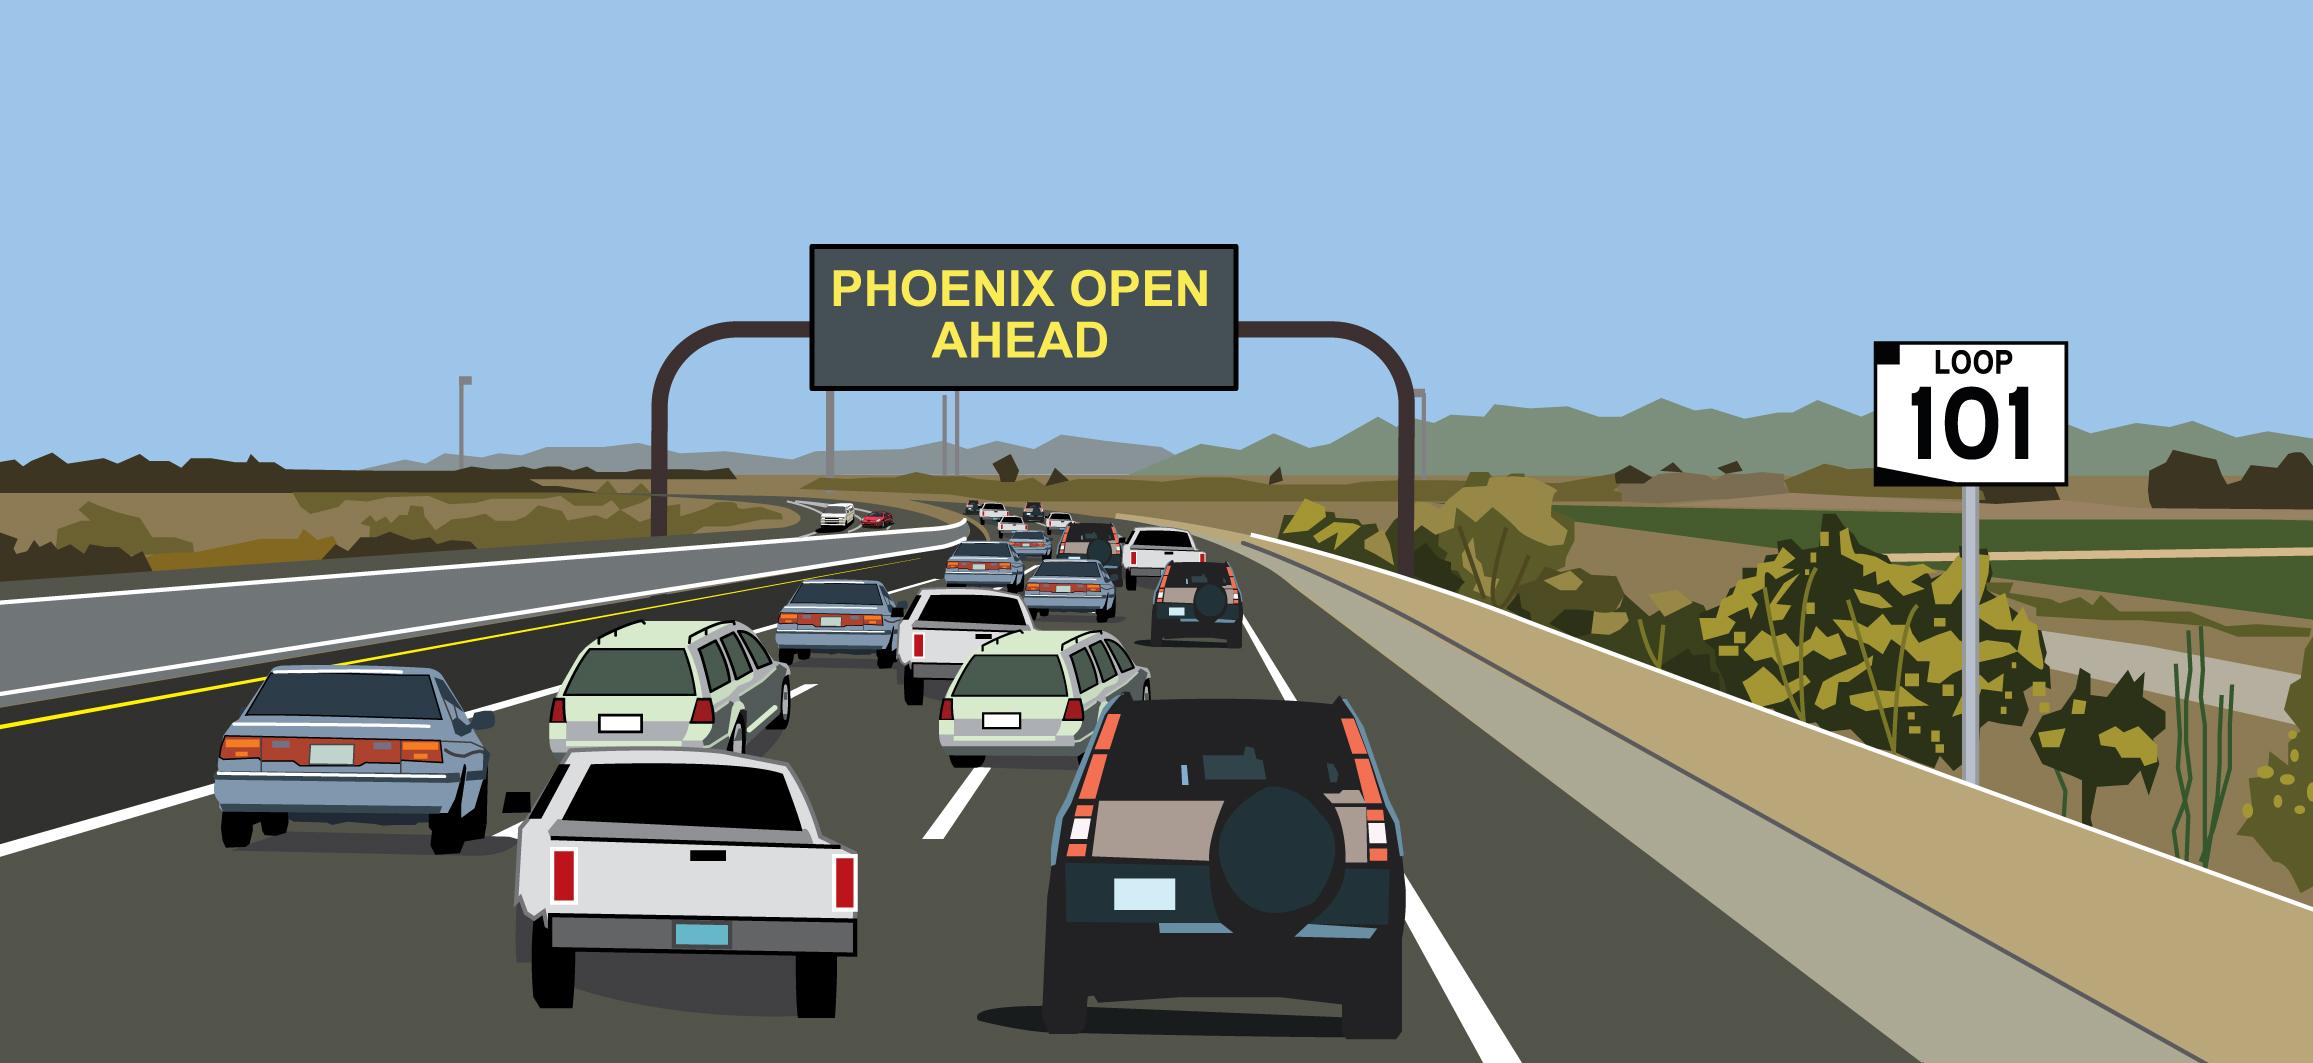 Loop 101 Phoenix open